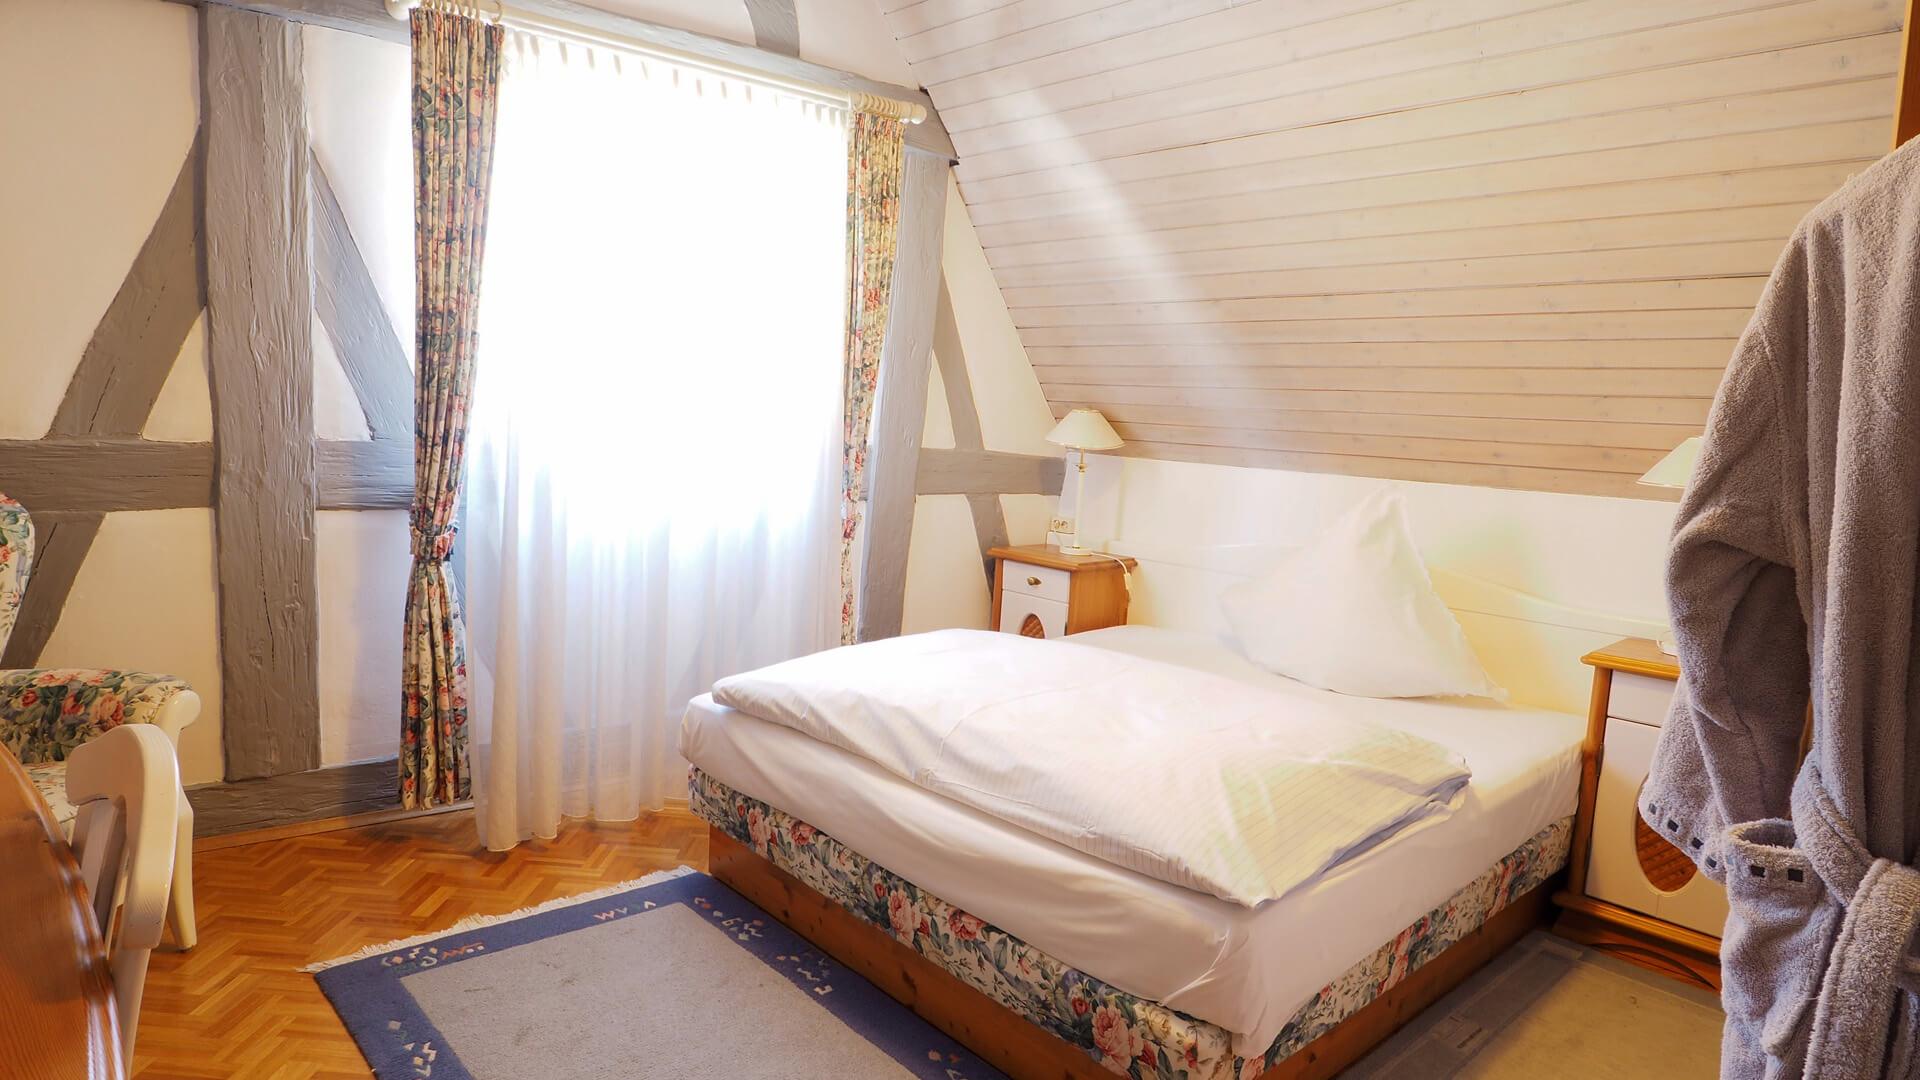 Einzelzimmer mit Französischem Bett| Hotel-Gasthof Schiff Horb am Neckar